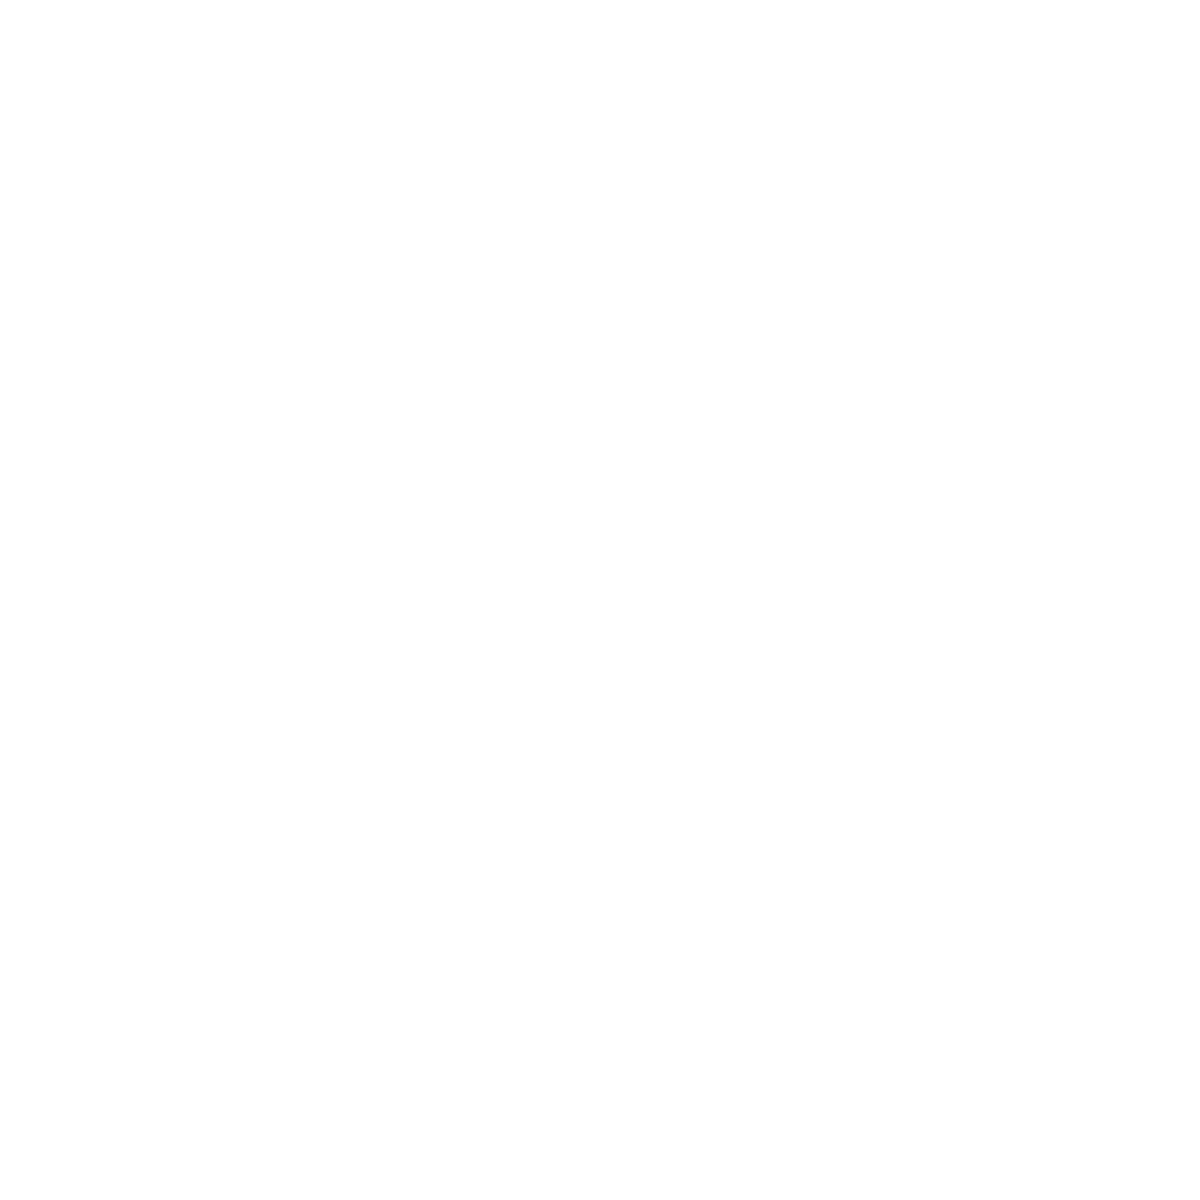 Thyssenkrupp_AG_Logo_2015white